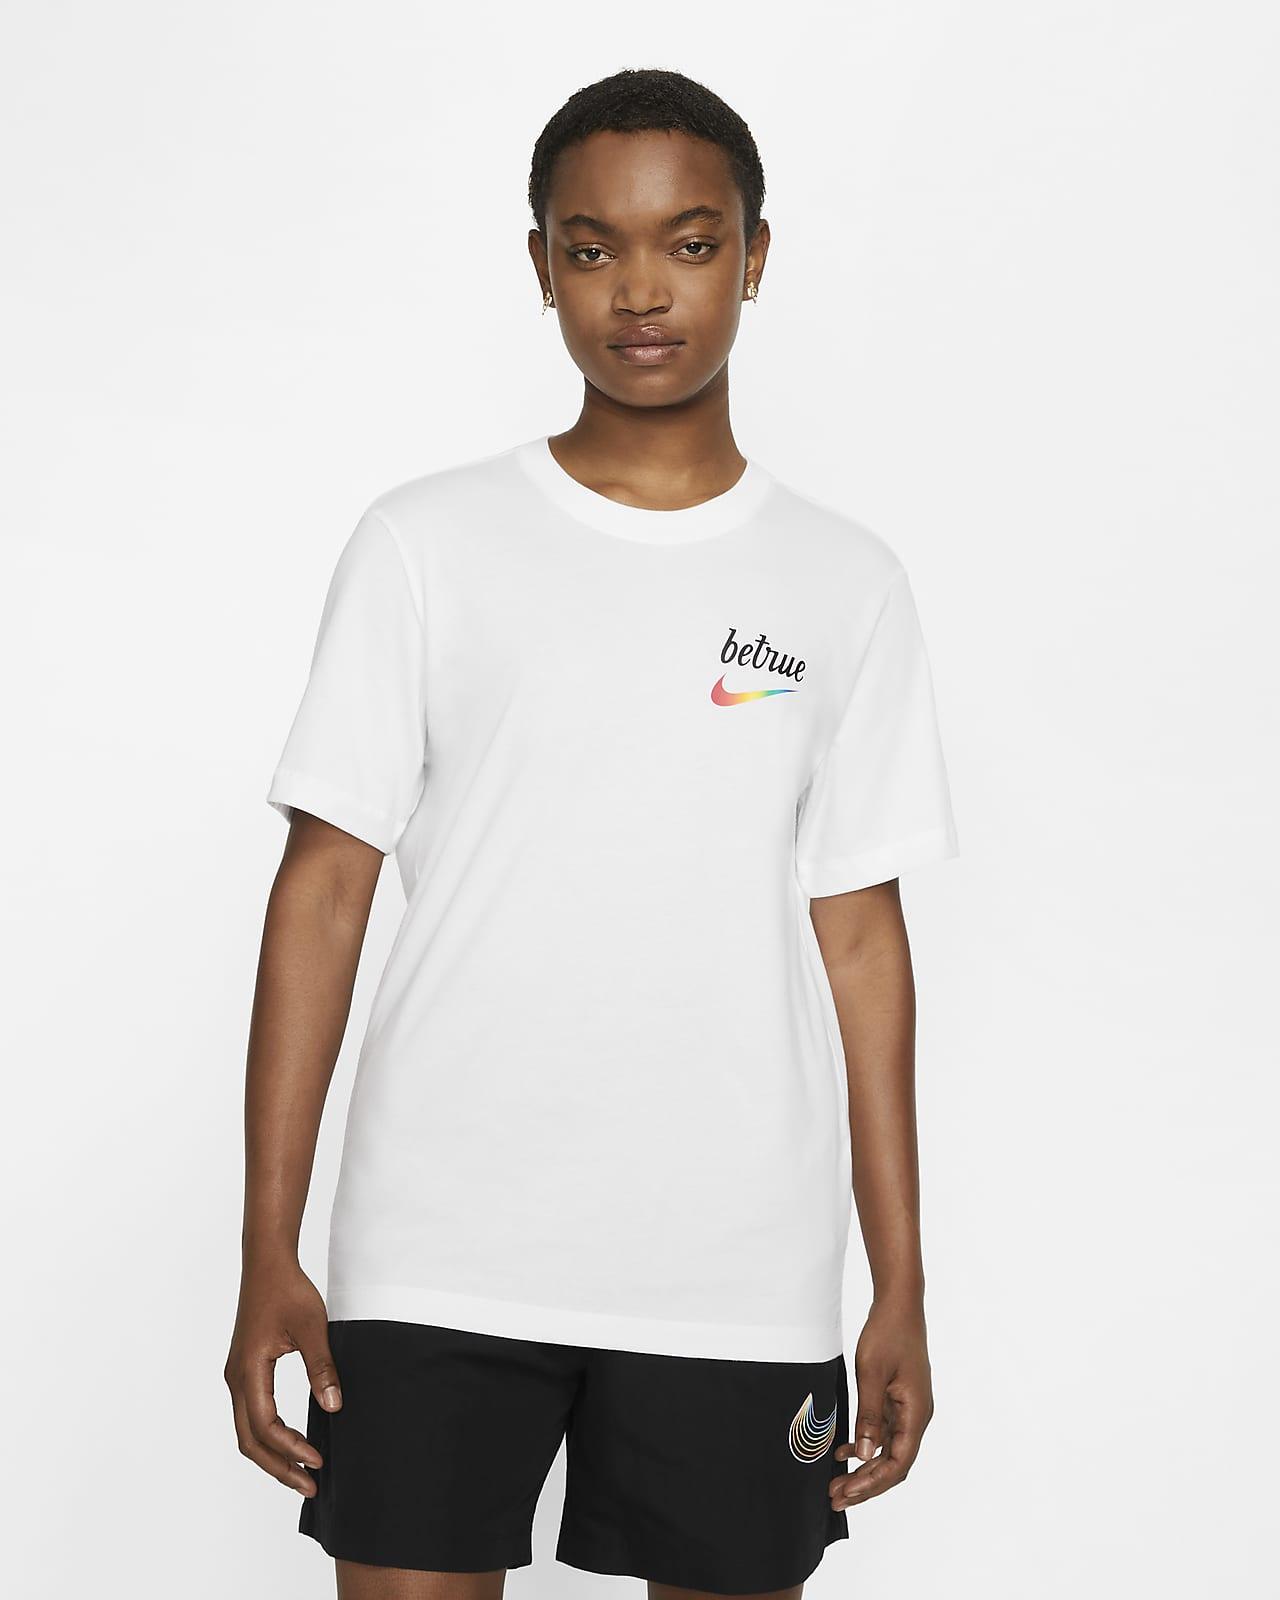 ナイキ スポーツウェア Be True メンズ Tシャツ